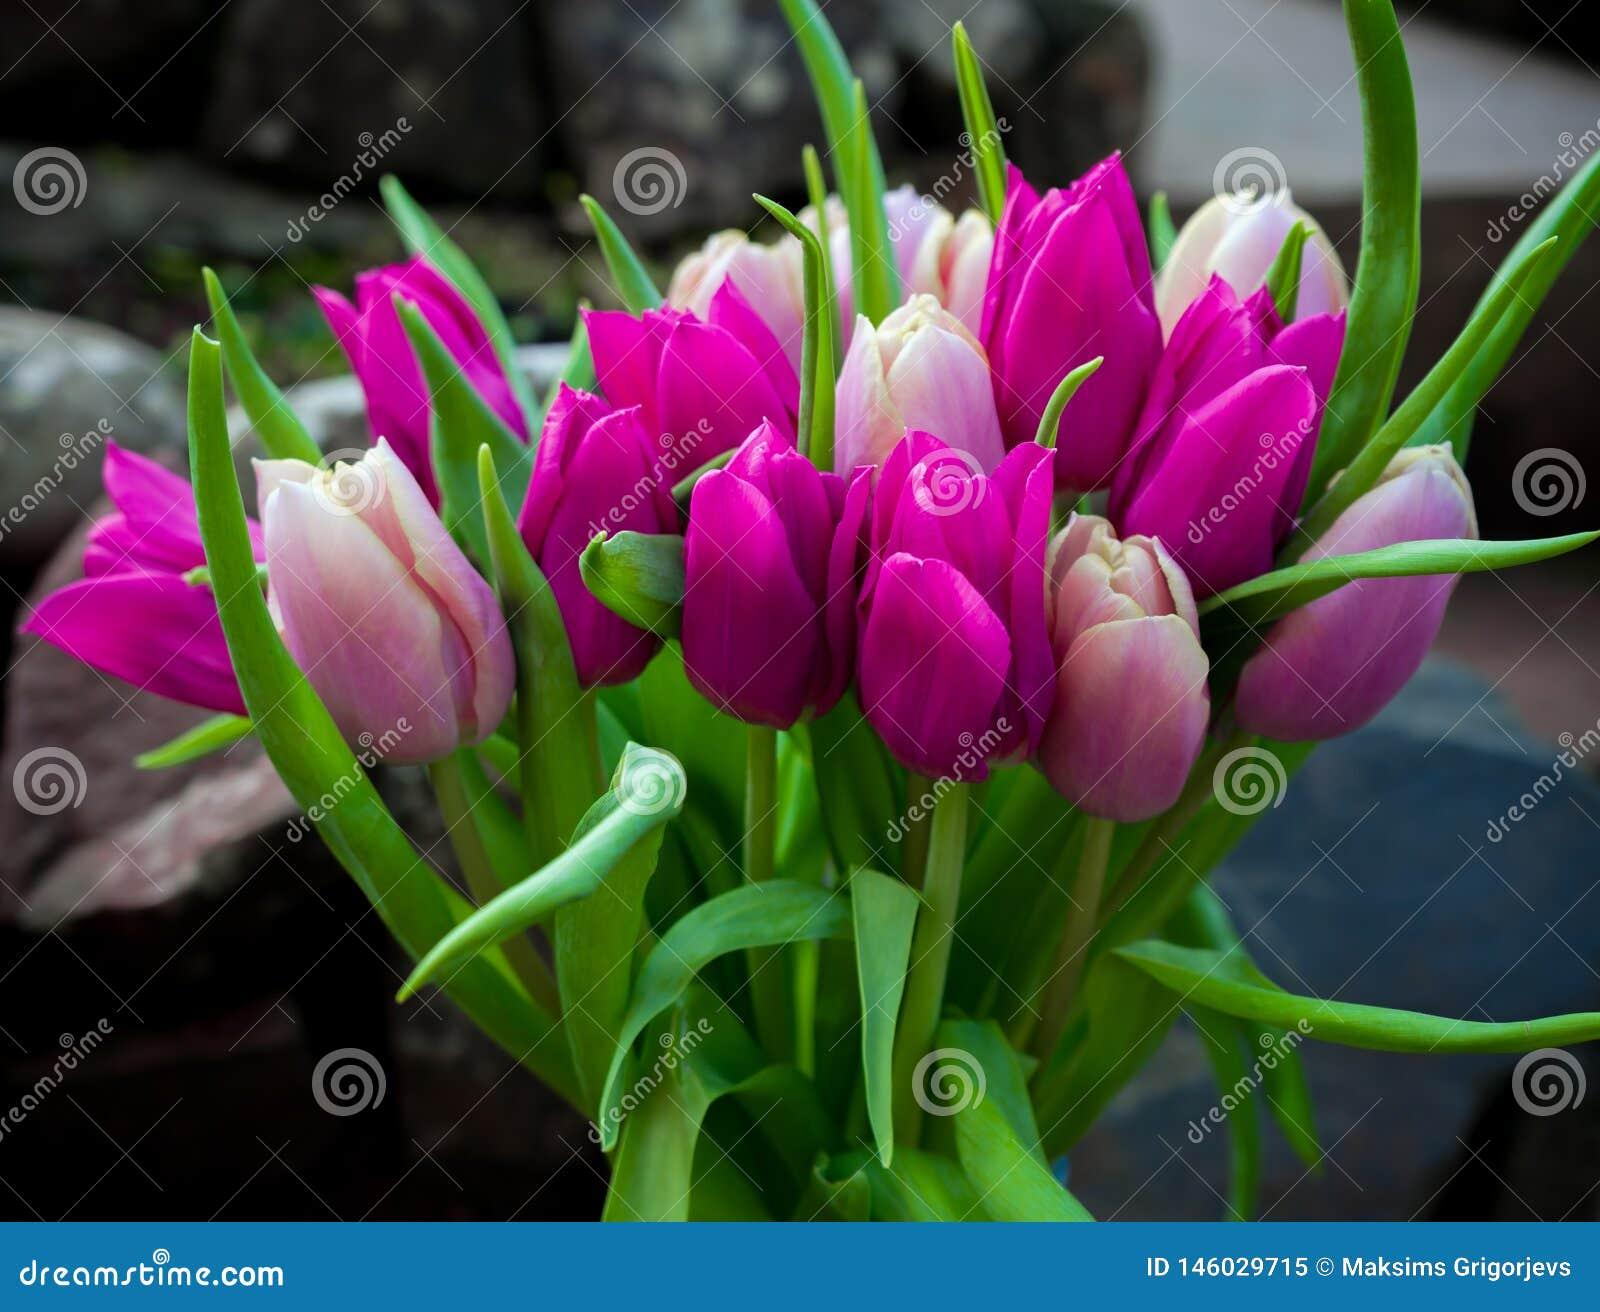 Rosa hermoso y flores p?rpuras del ramo de los tulipanes